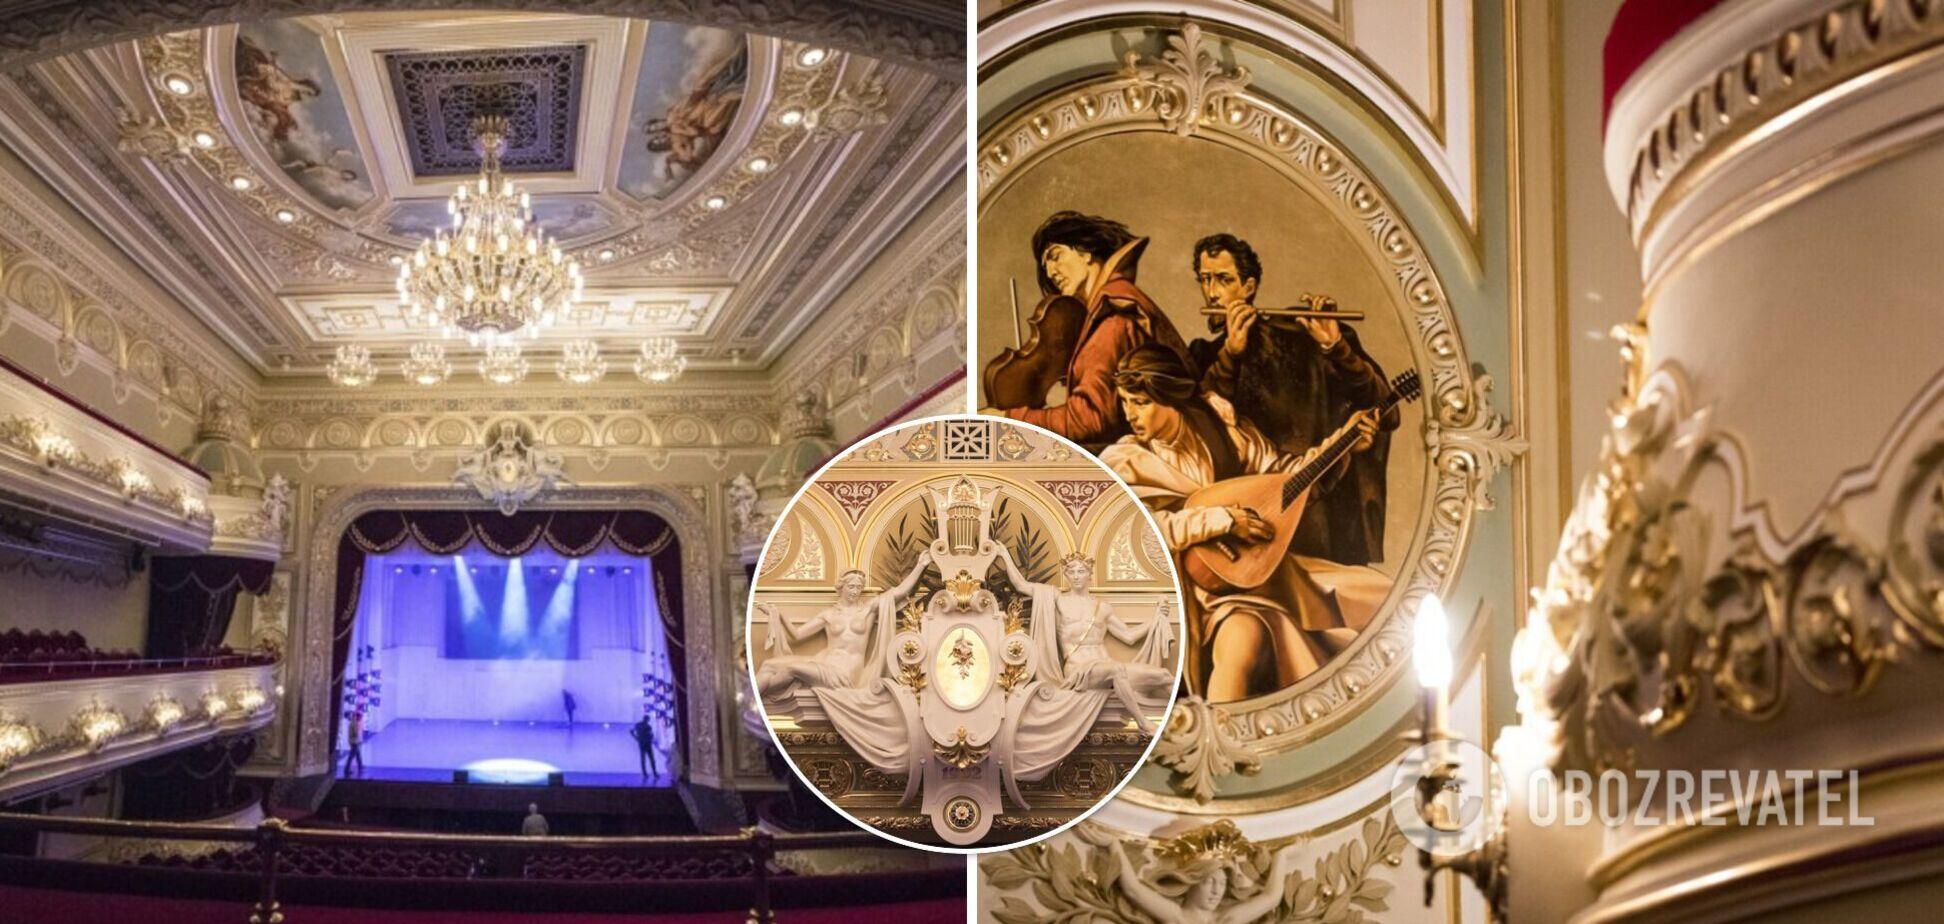 Пышное убранство и атмосфера прошлого: в Киеве отреставрировали театр оперетты. Фото, видео